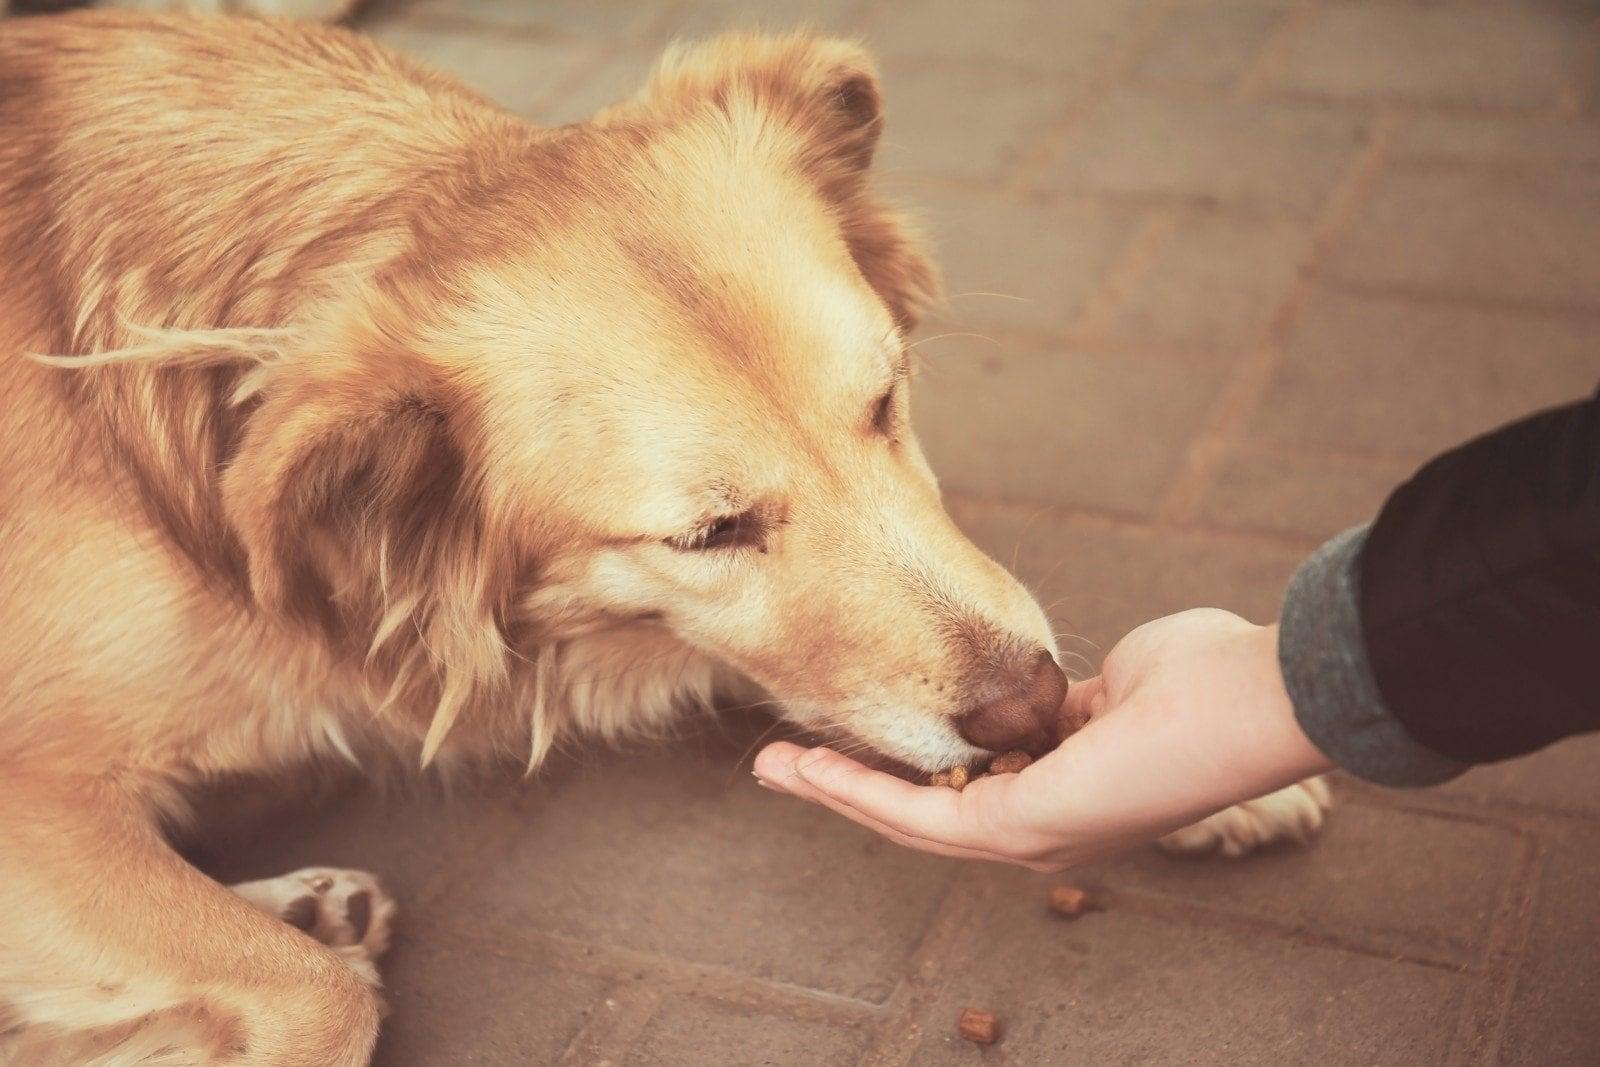 собака ест с руки